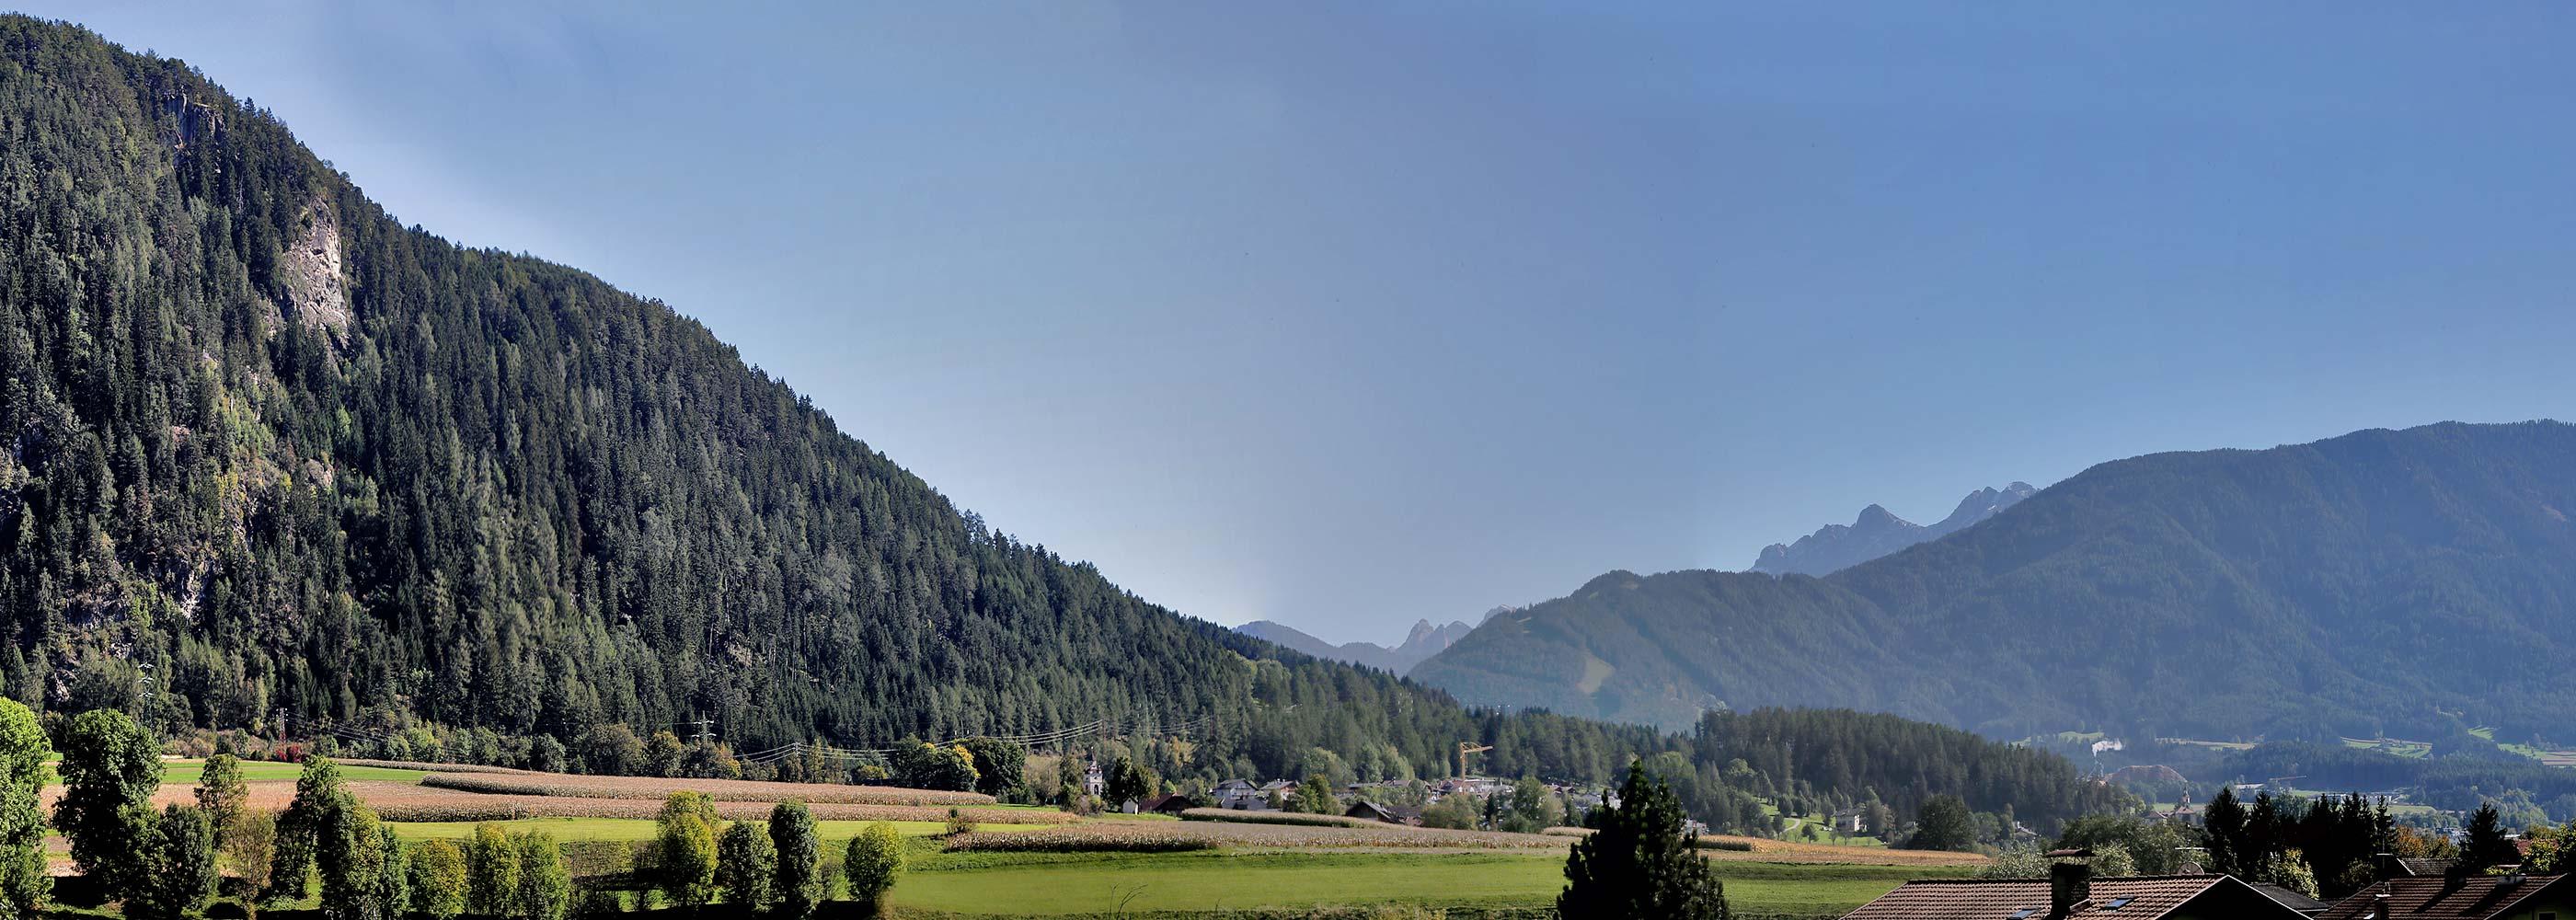 pano-resi-ausblick-vista-ferienwohnung-bruneck